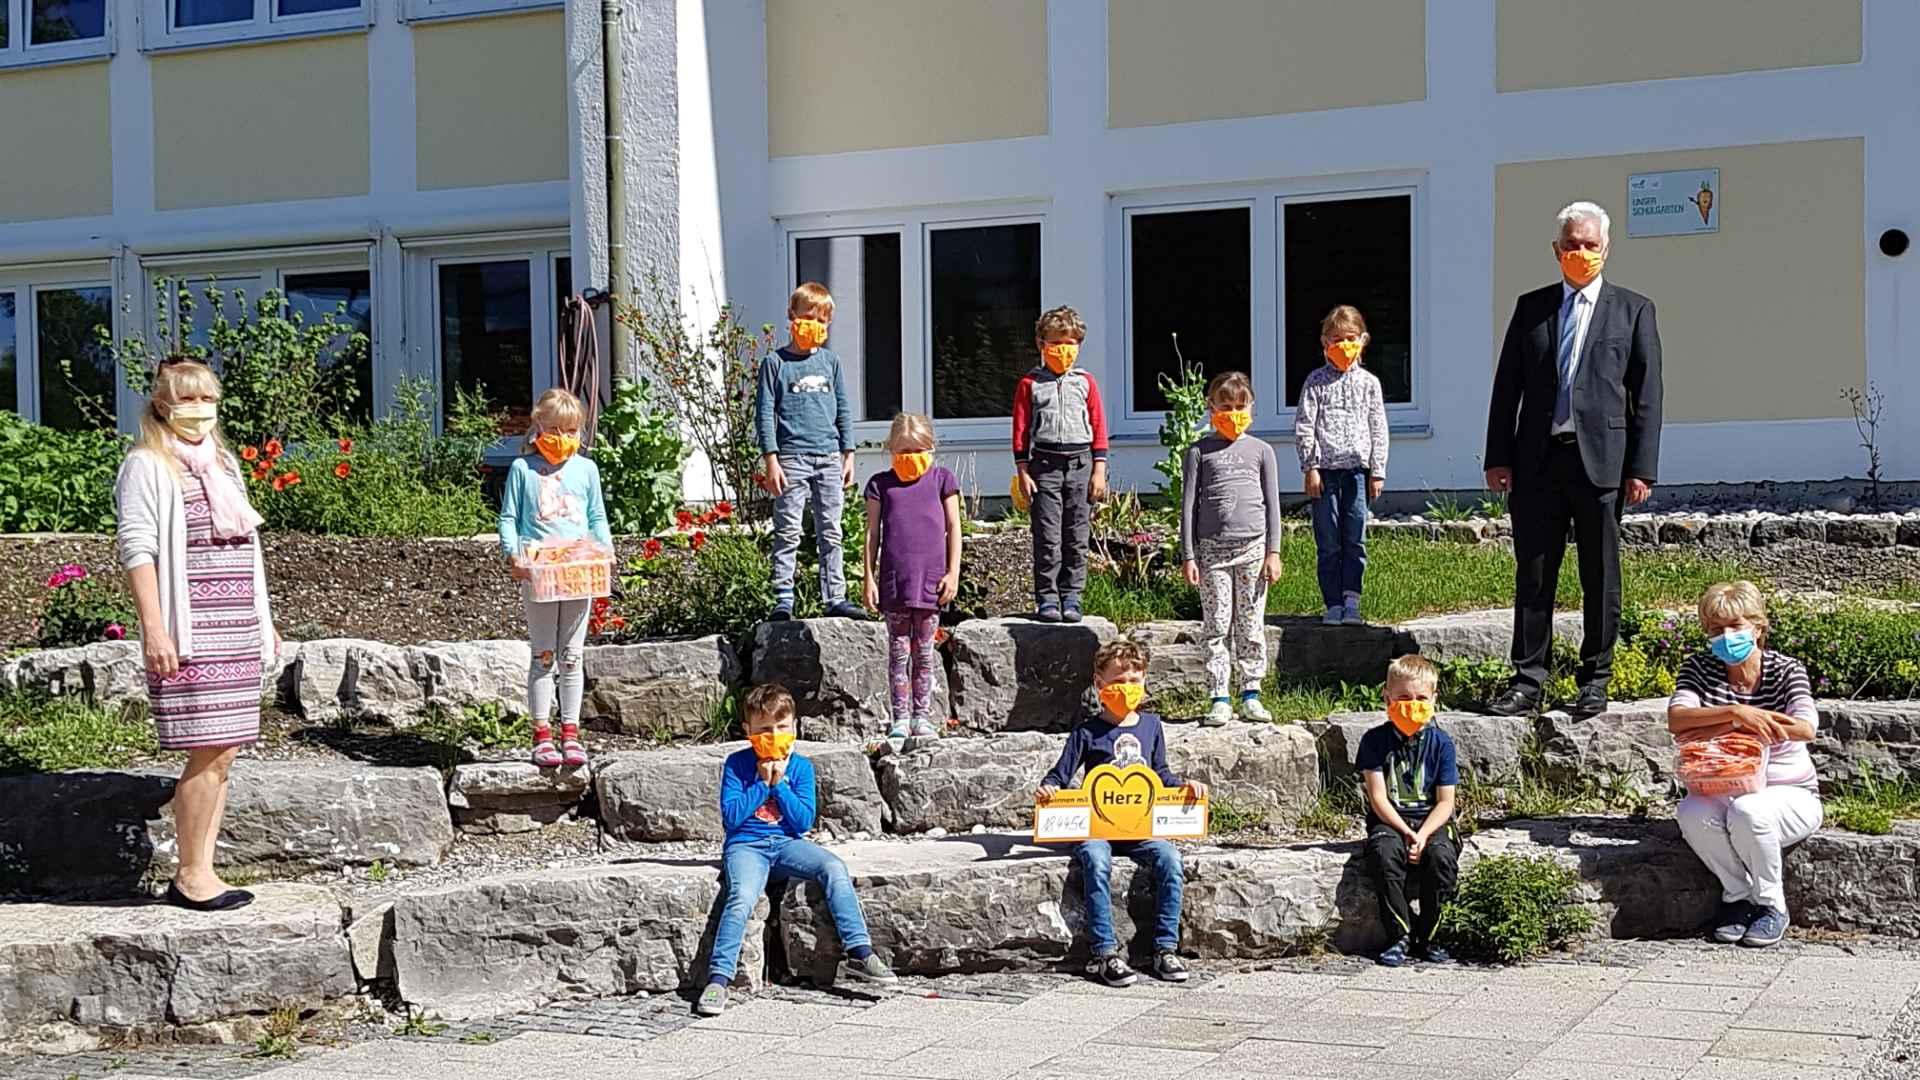 Die Rektorin der Grundschule, Heidi Dodenhöft, und die Schülerinnen und Schüler der Klasse 1 a mit ihrer Lehrerin Birgitt Kohl freuten sich über die neuen Masken.